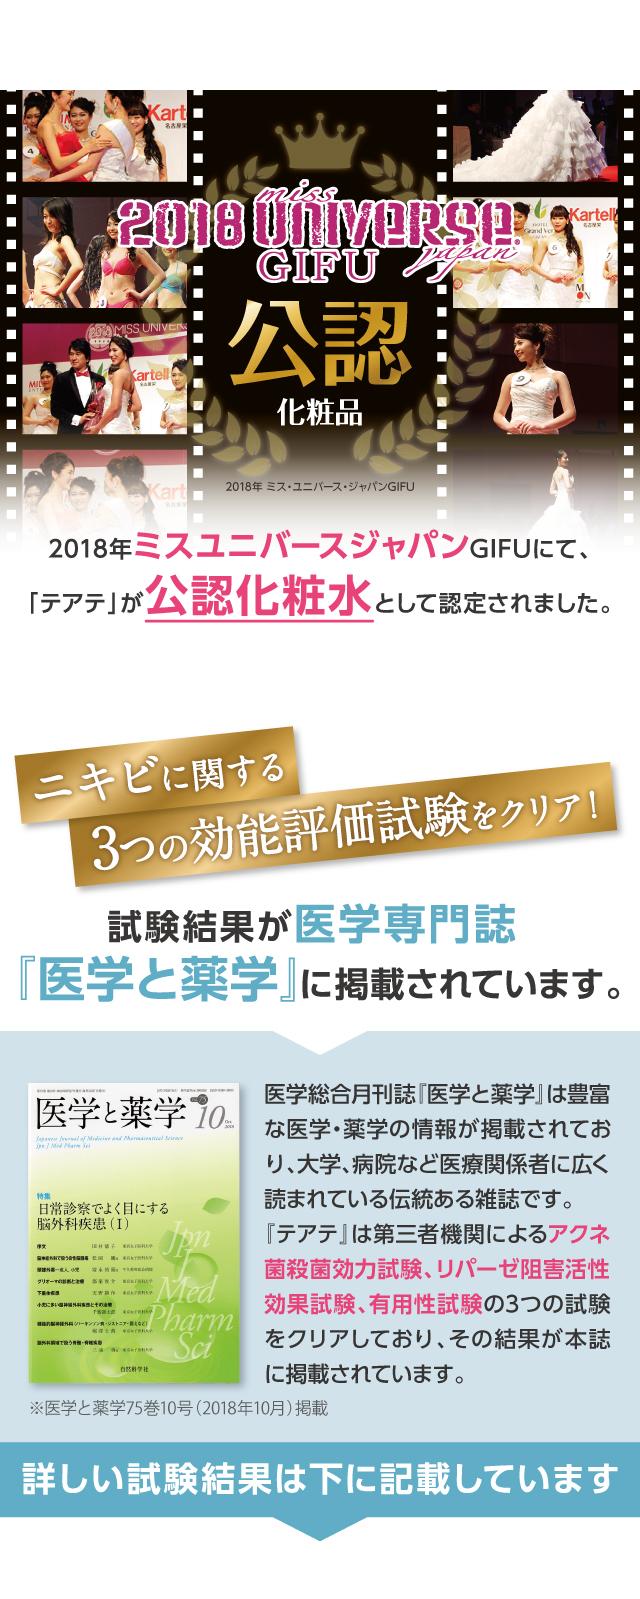 2018年ミスユニバースジャパン岐阜にて「テアテ」が公認化粧品として認定されました。